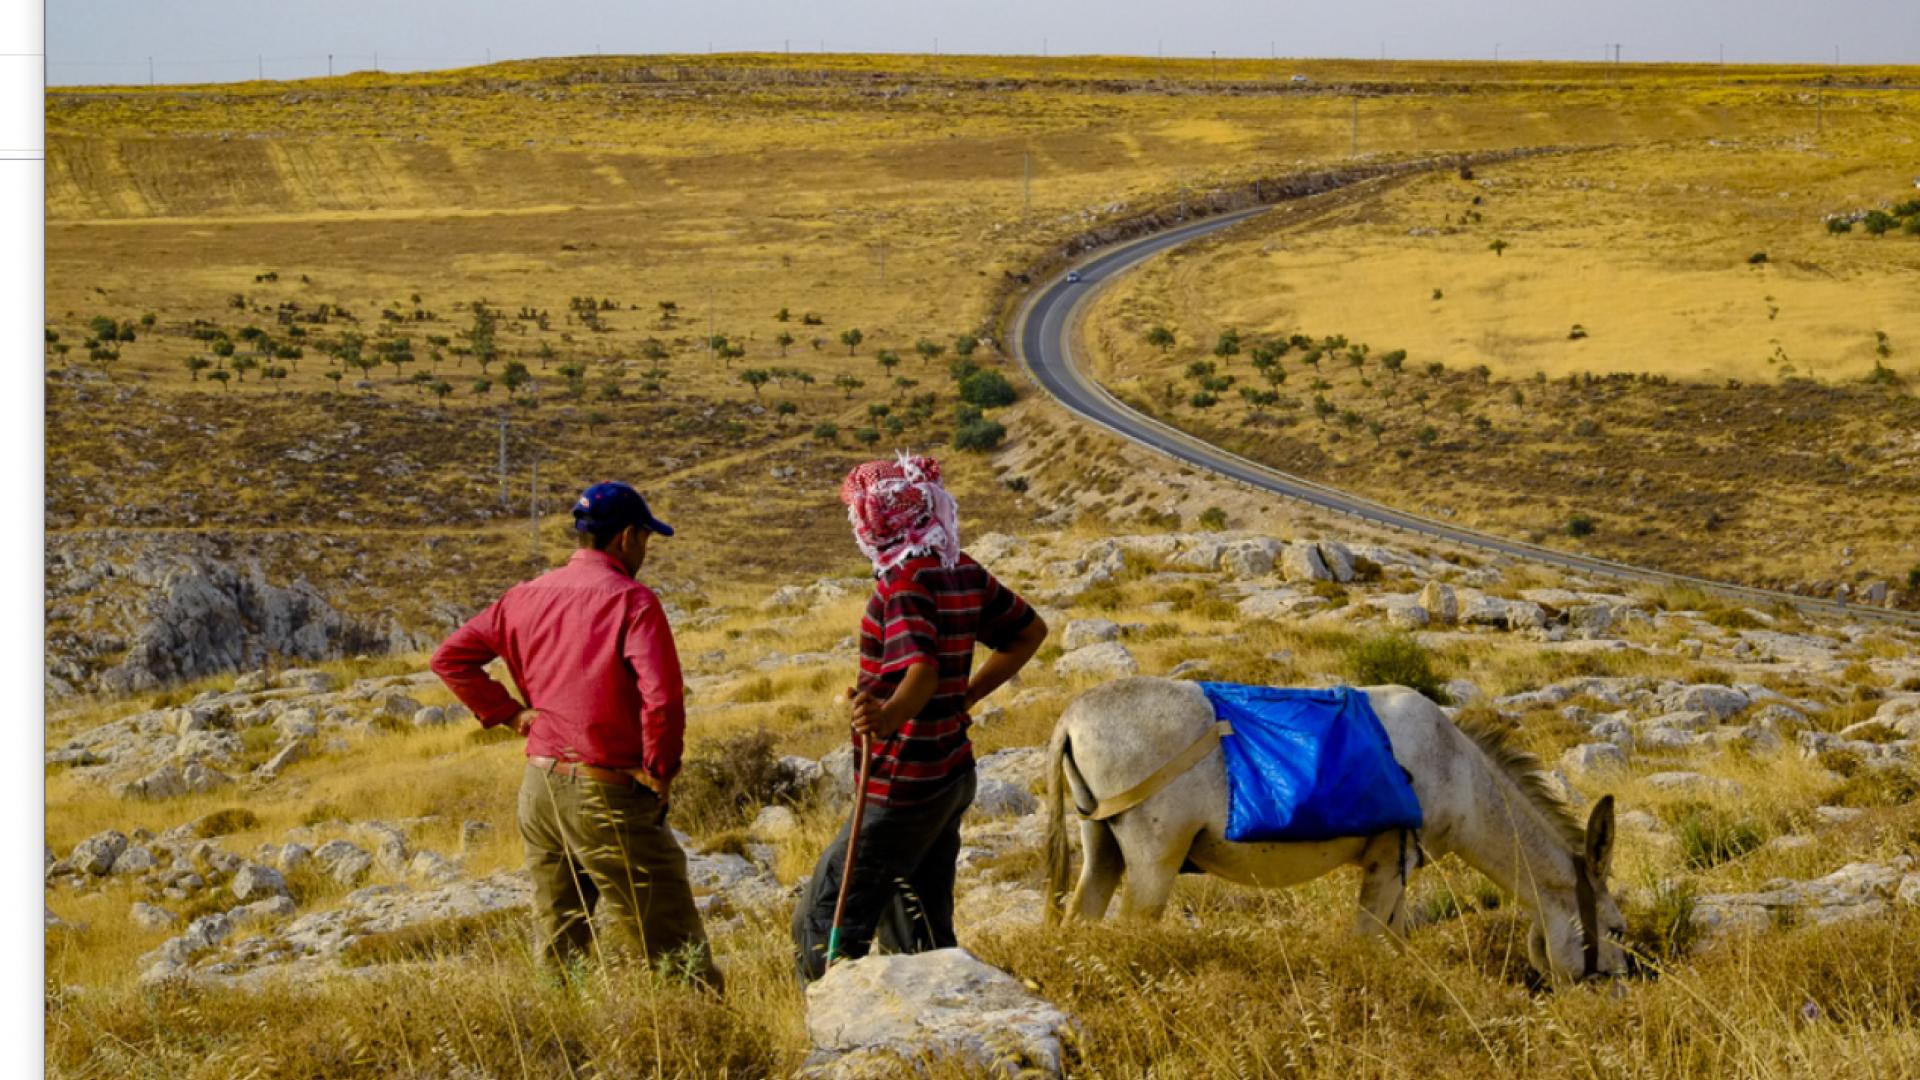 קריאה להתגייסות של פעילי שלום לקציר באדמות הכפר הפלסטיני דיר ג'ריר